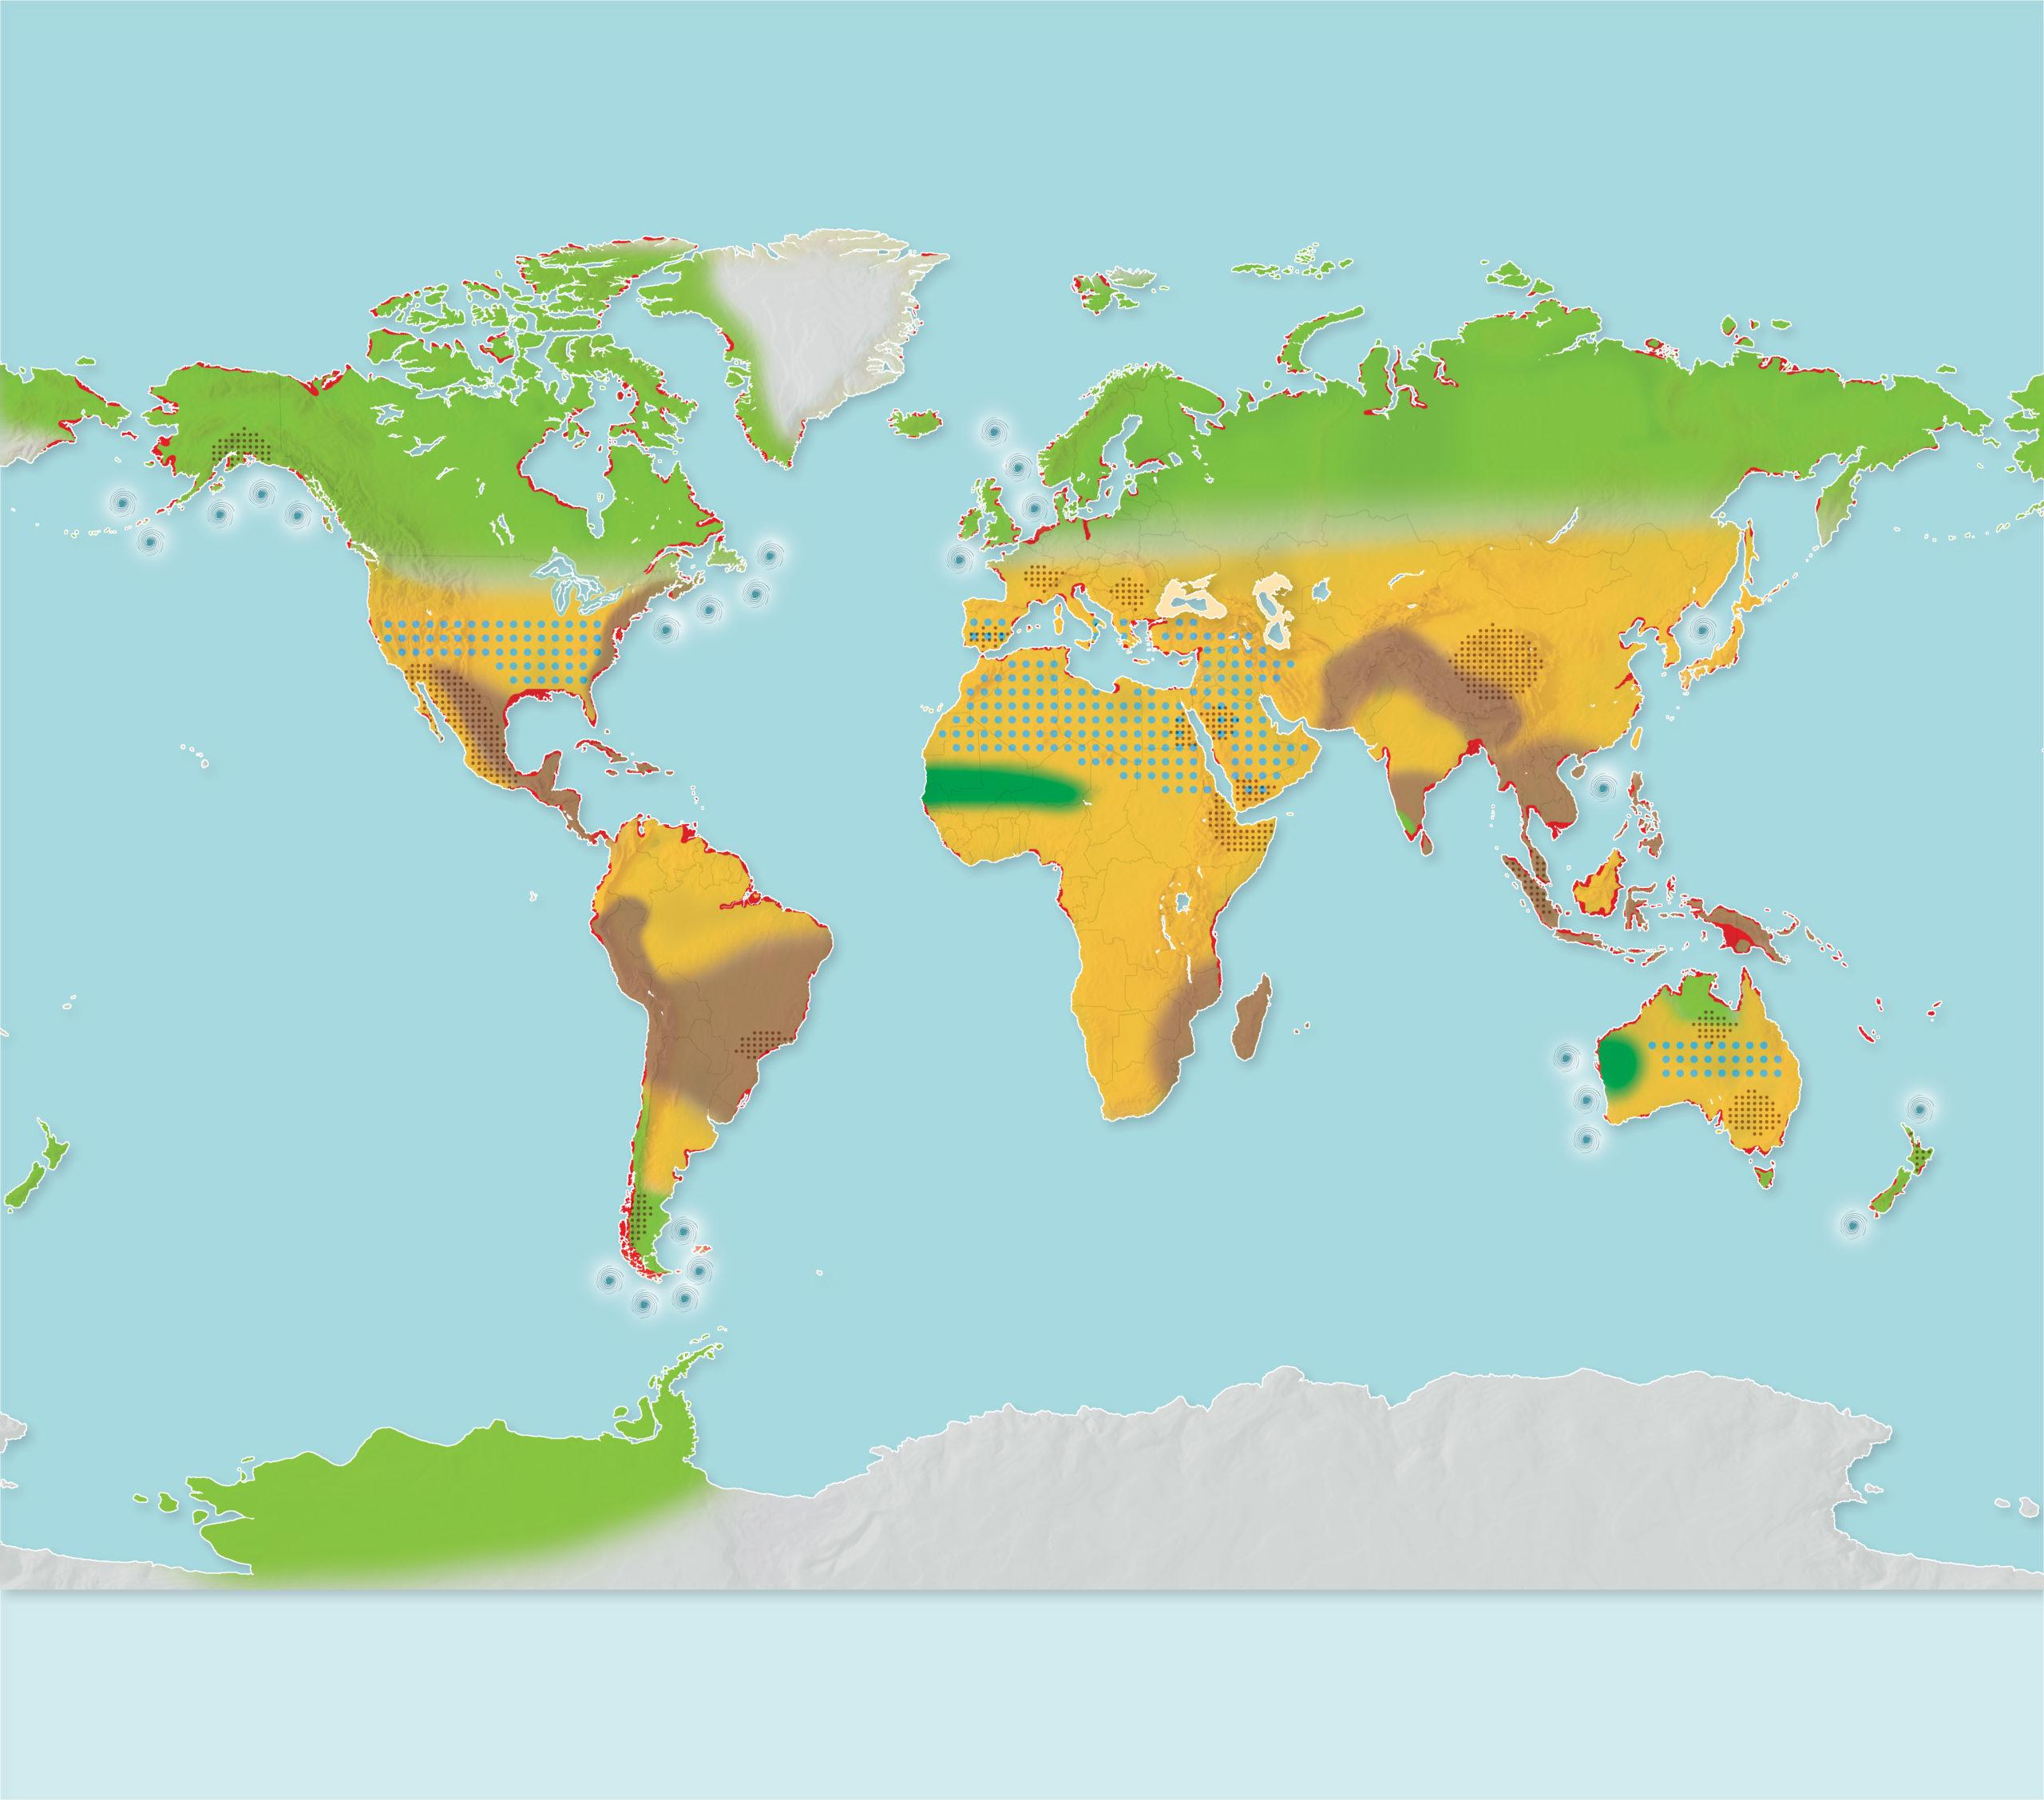 A 4 Degree Warmer World